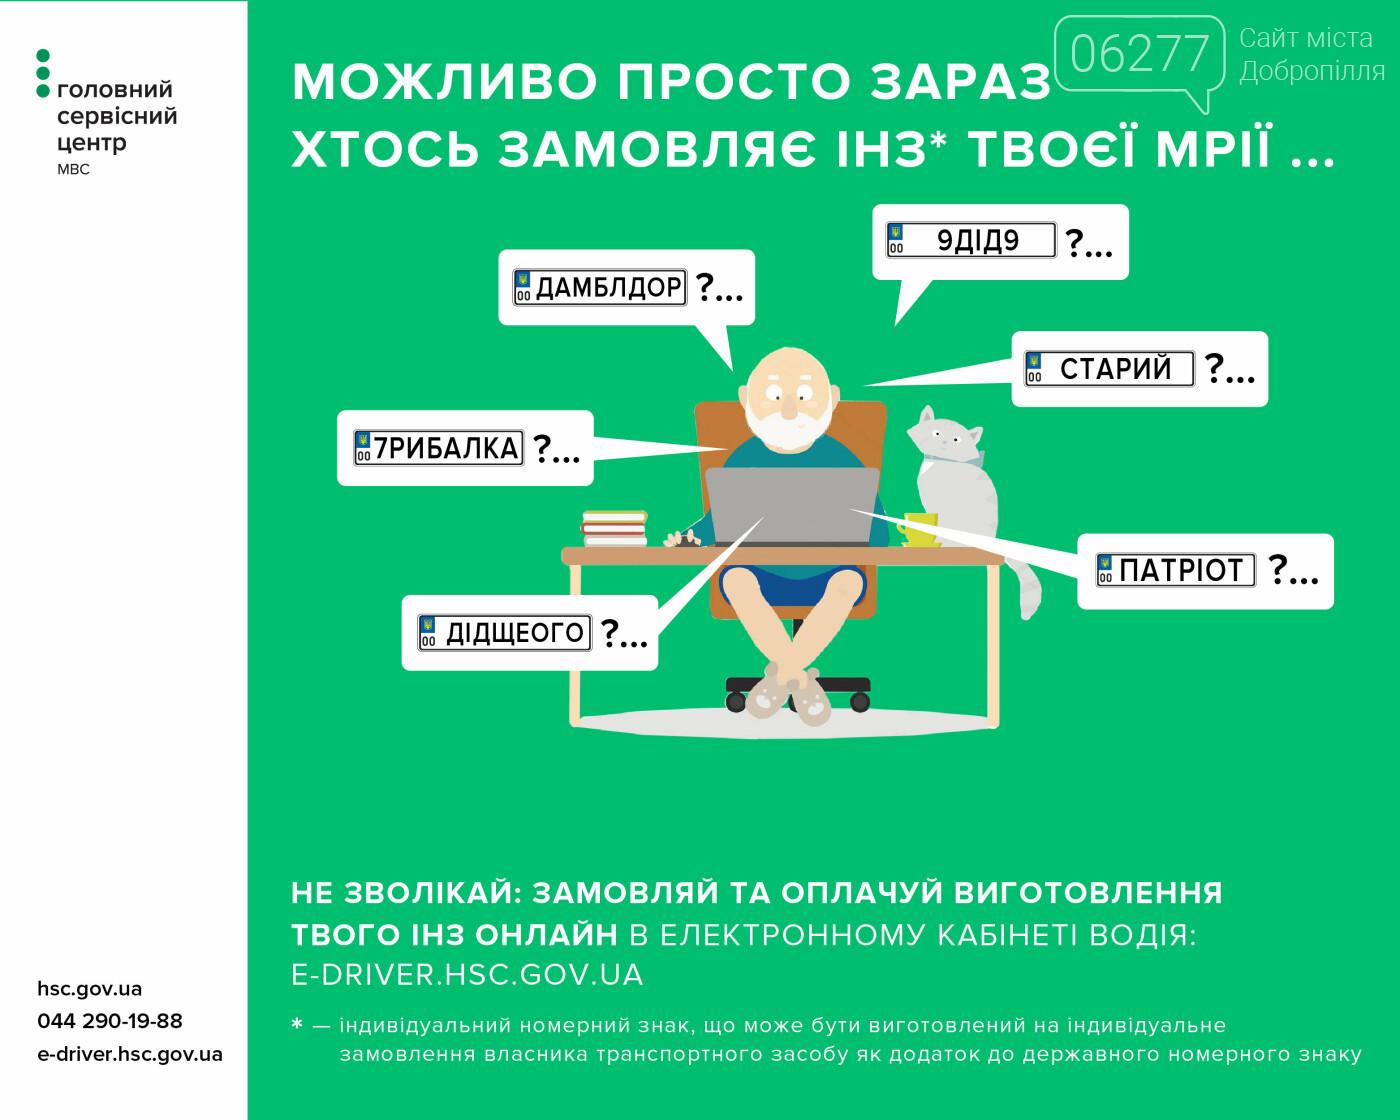 Больше никаких очередей: индивидуальный номер авто добропольчане смогут заказать через интернет, фото-1